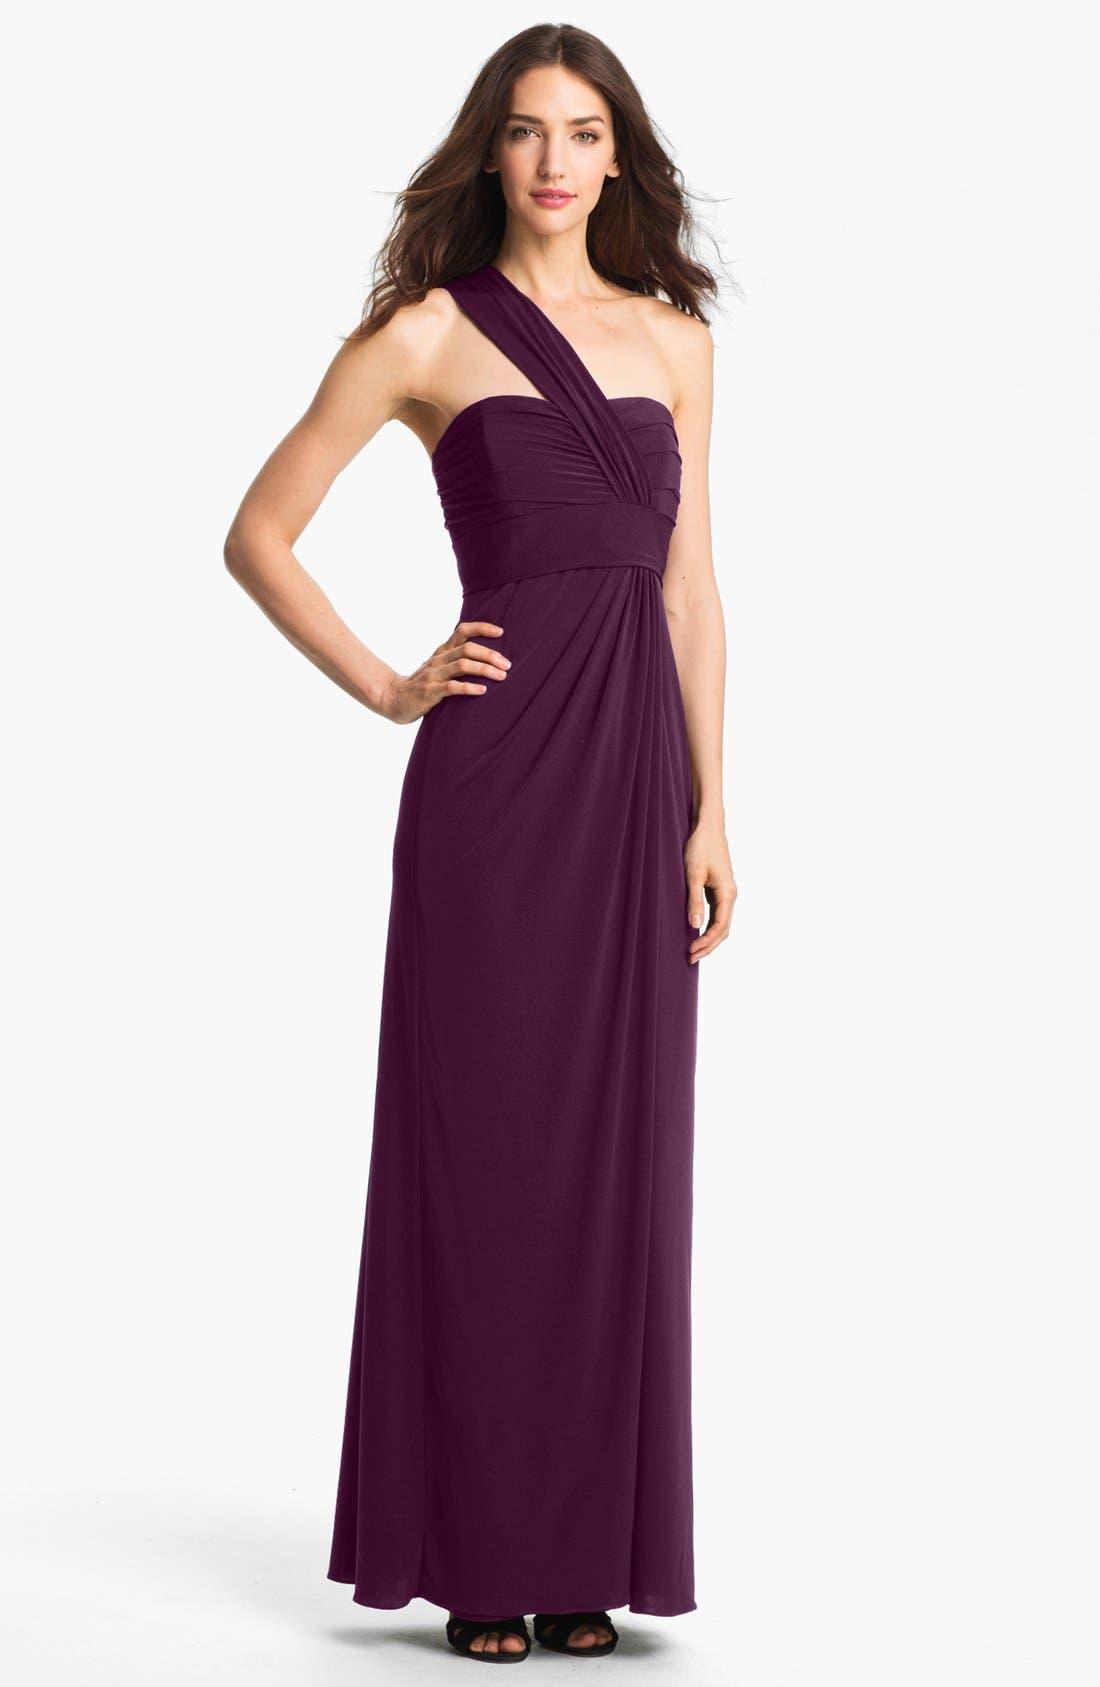 Alternate Image 1 Selected - Amsale One-Shoulder Jersey Dress